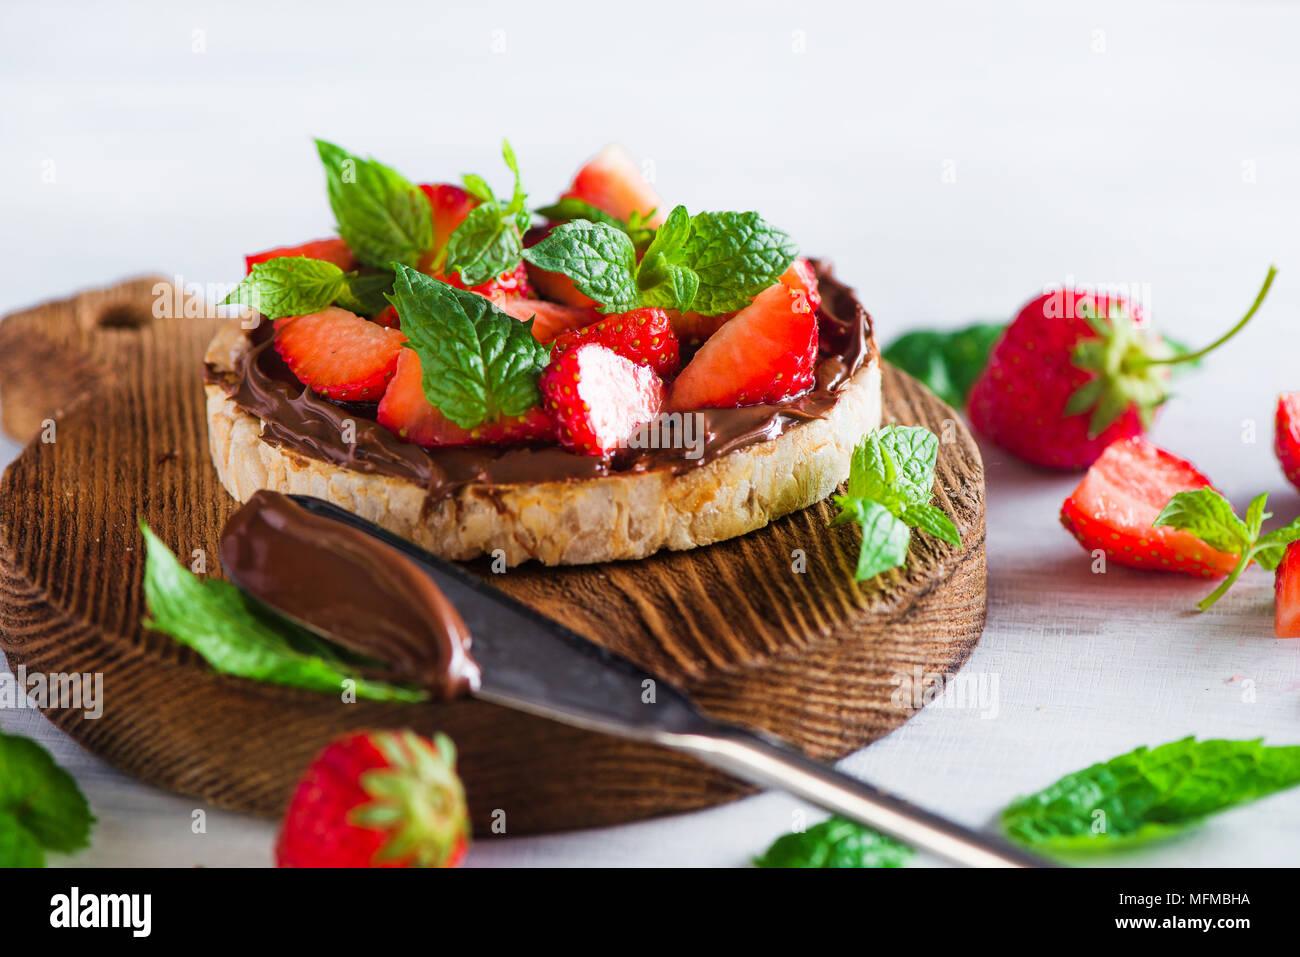 Pain croustillant collation saine avec des fraises fraîches, pâte à tartiner au chocolat, les feuilles de menthe sur une planche à découper ronde avec un couteau à dessert. Petit-déjeuner facile fermer-u Photo Stock